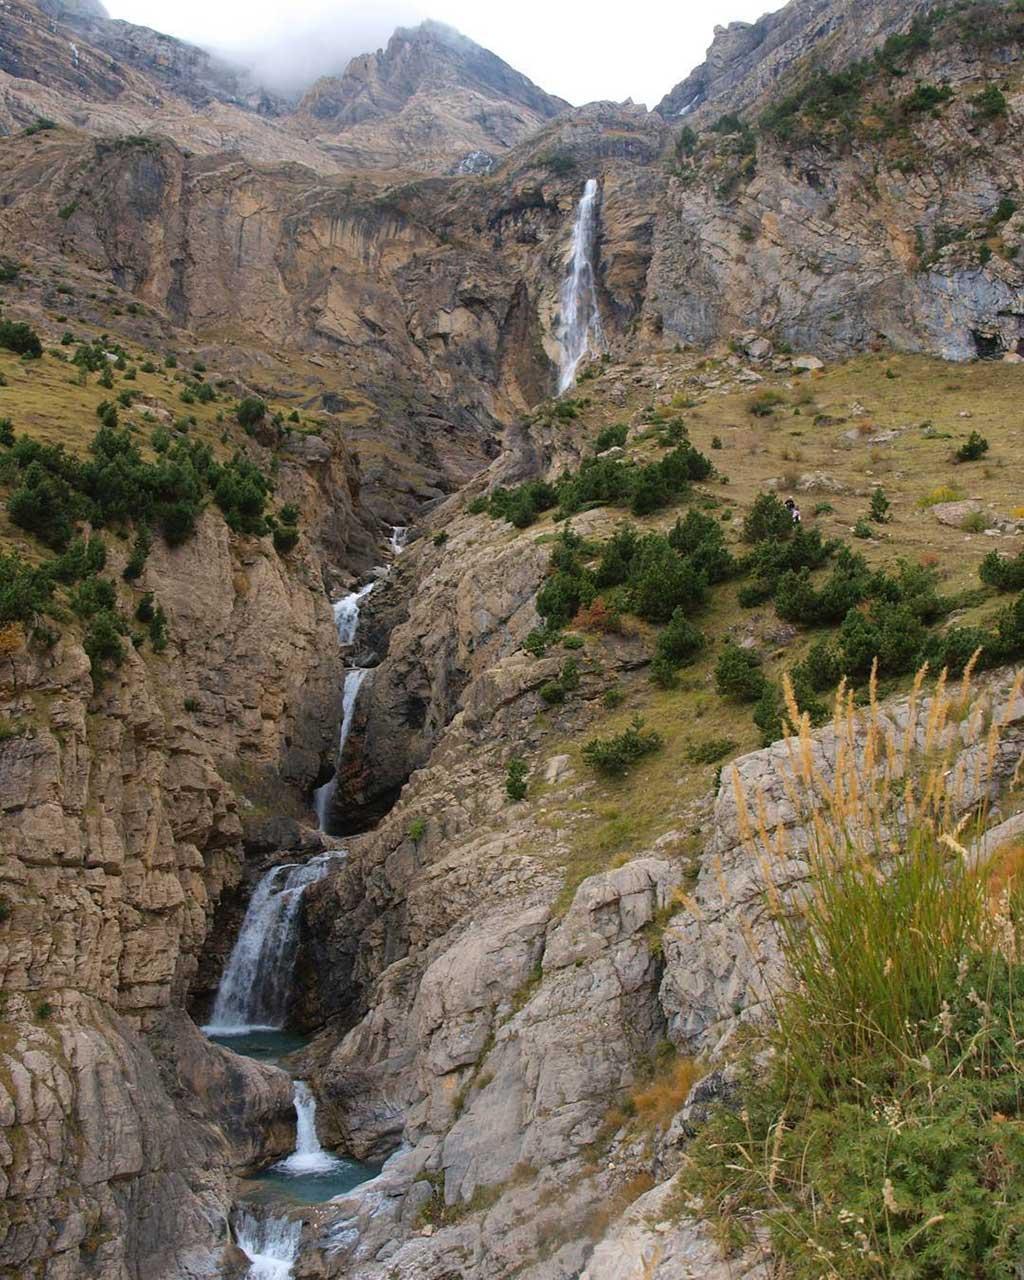 Fotografía montaña Pirineos by @ilcl